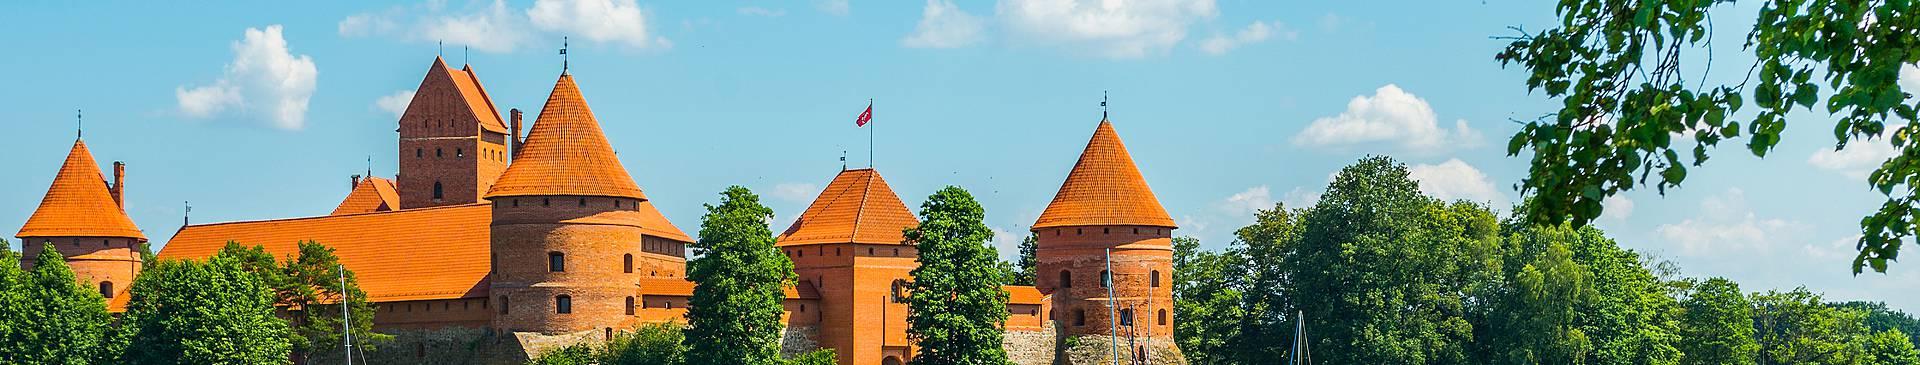 Viaggi in Lituania in autunno